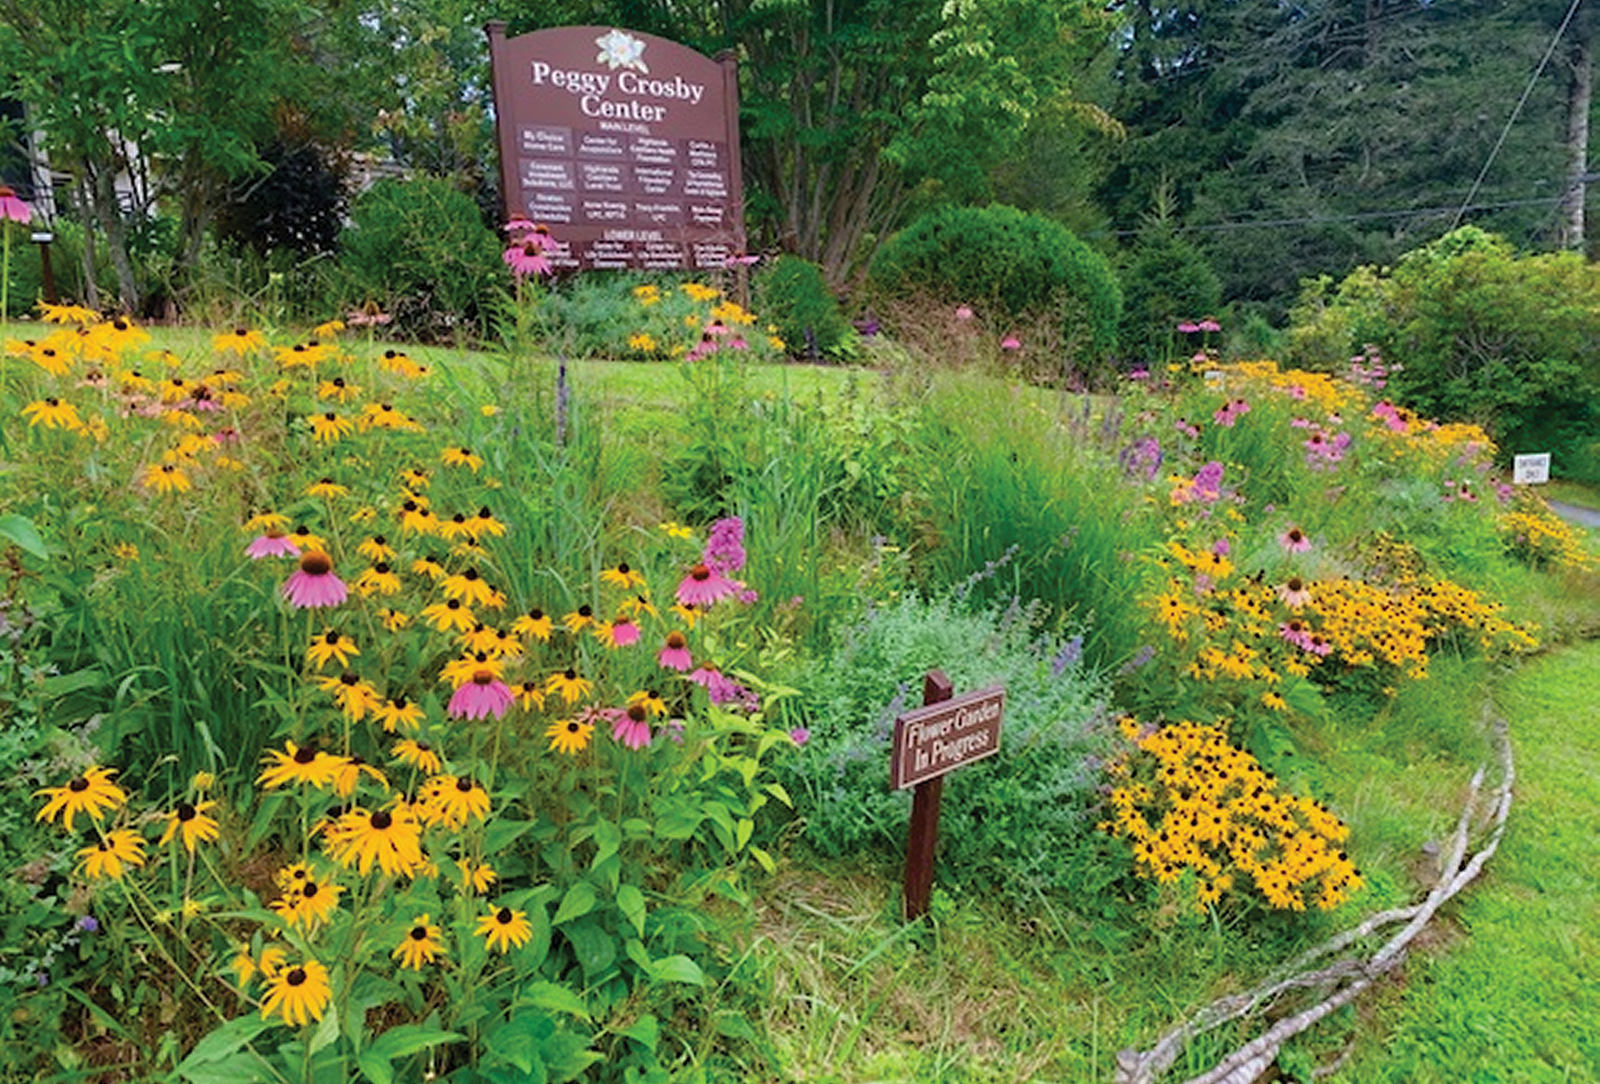 highlands nc peggy crosby center garden